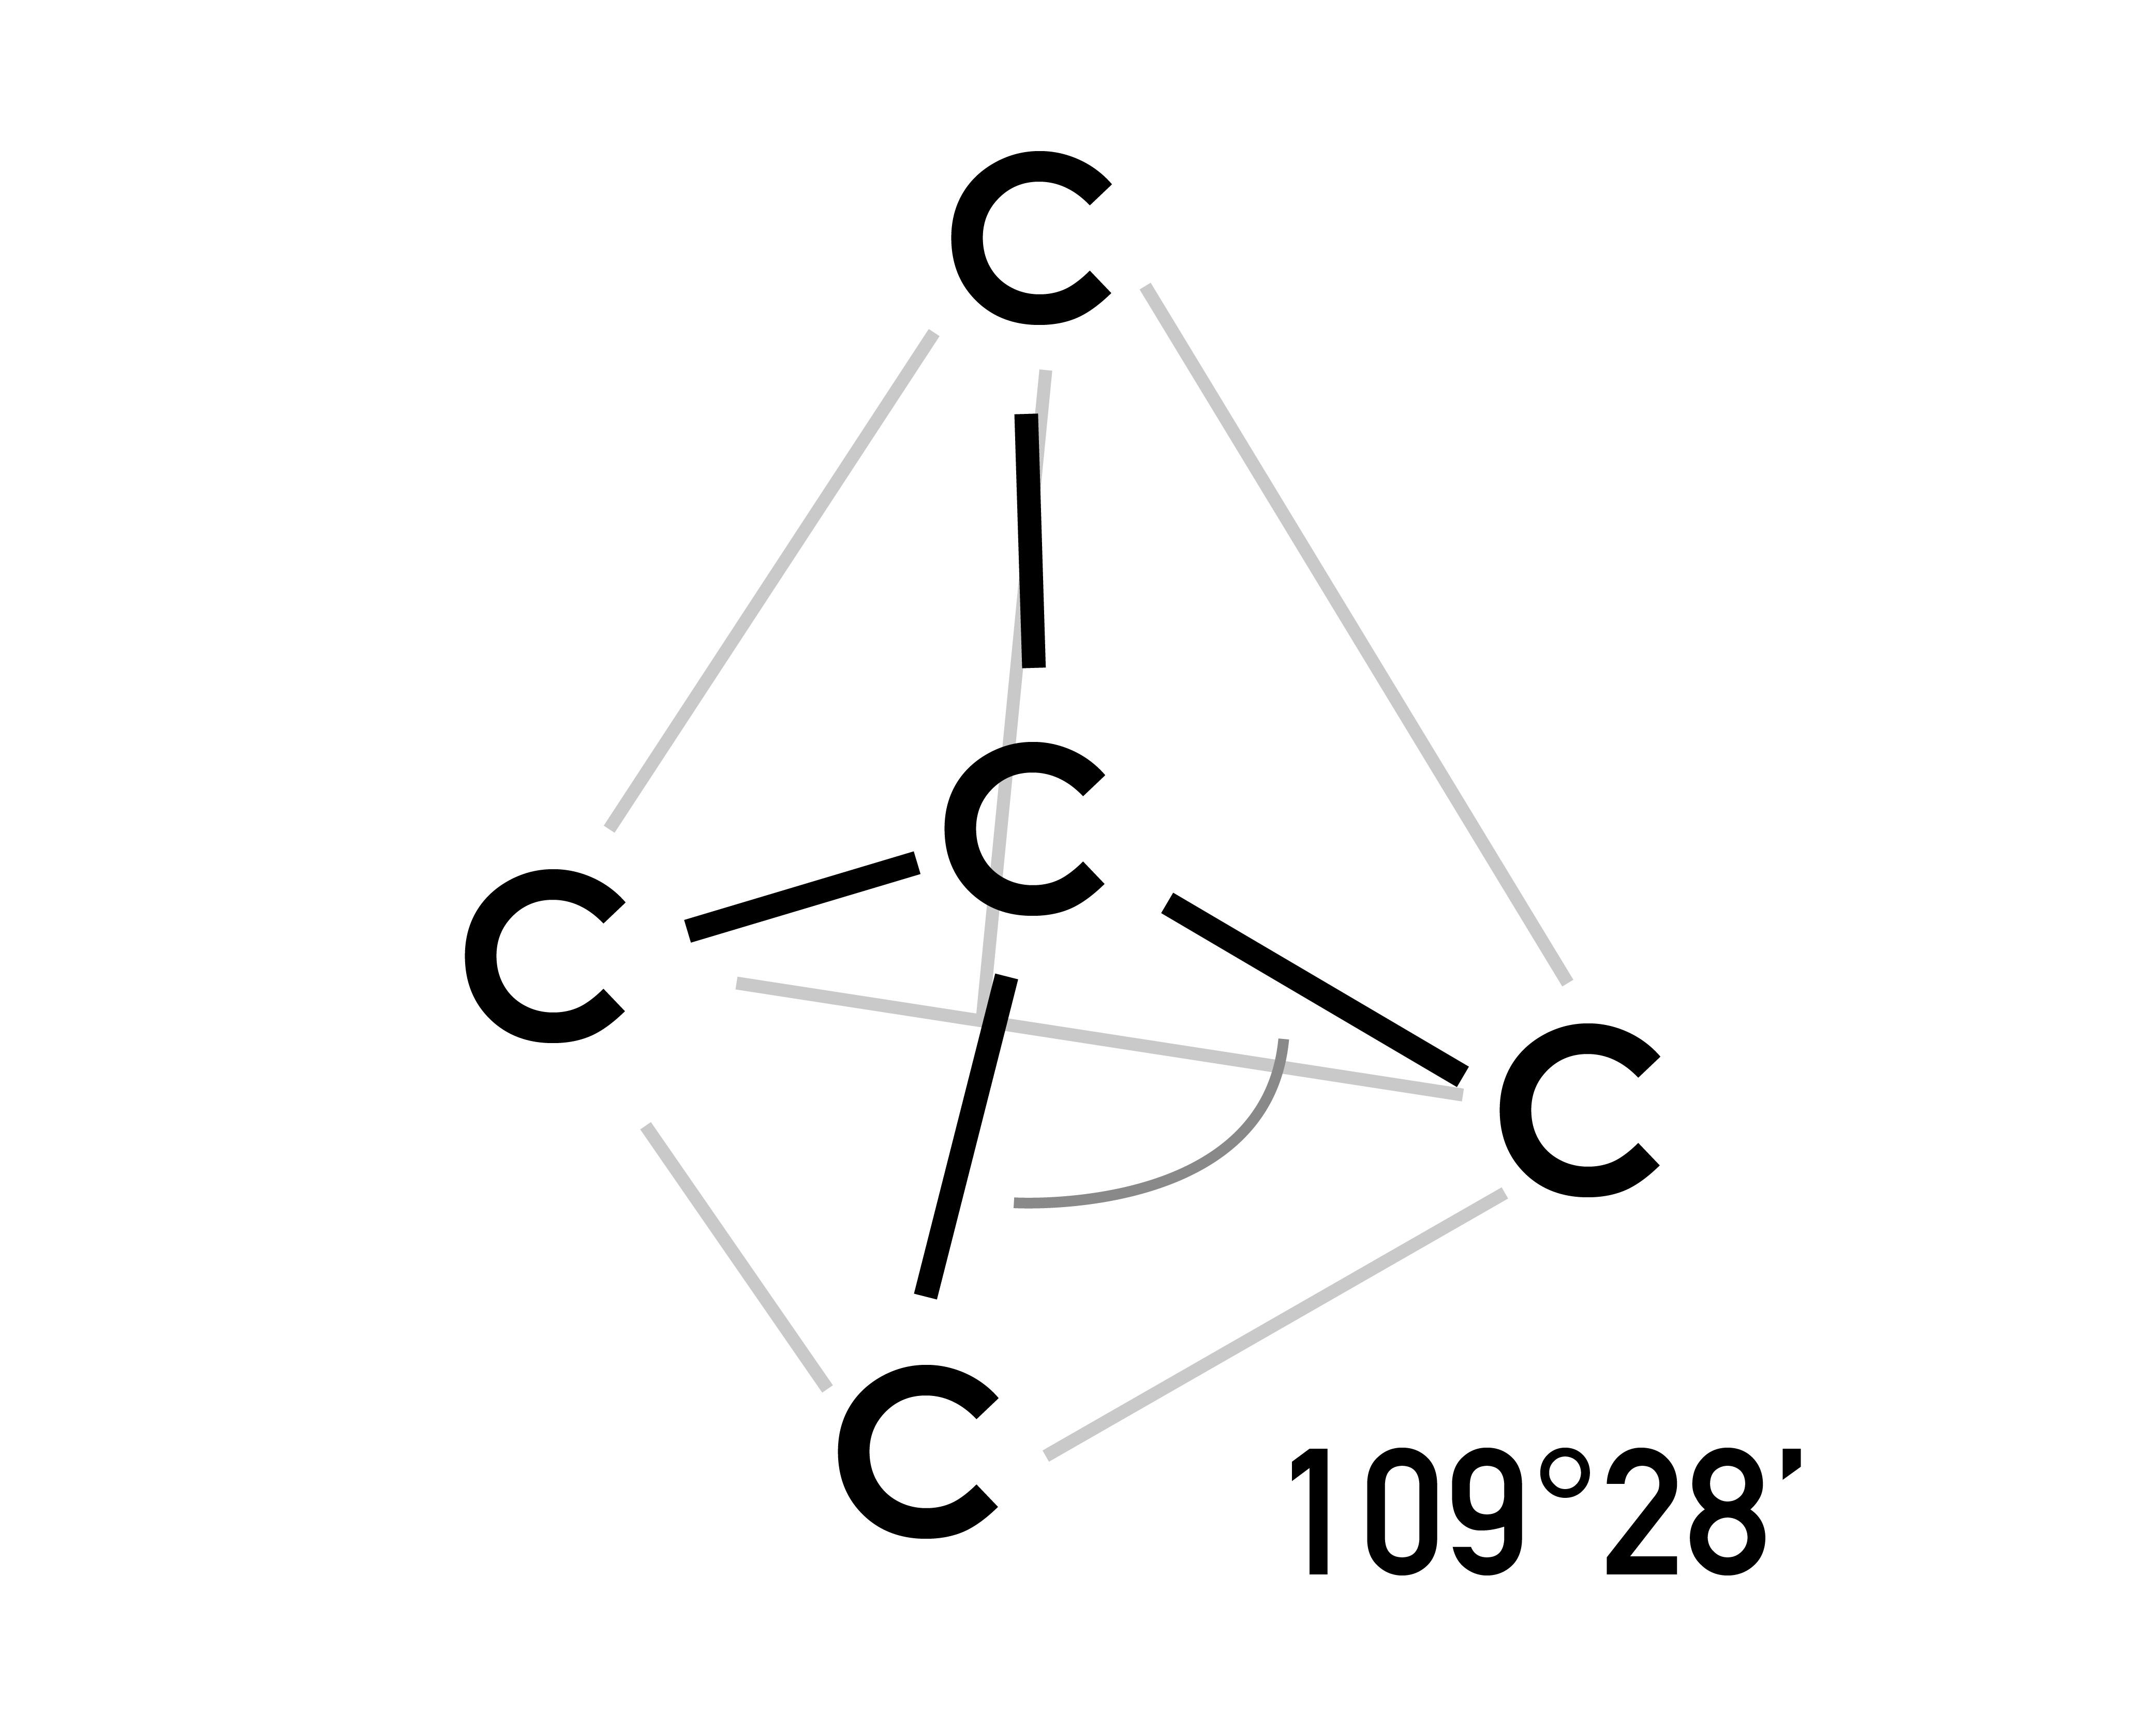 鑽石中碳的 sp3 四面體結構,每一個碳原子有 4 個緊鄰的碳原子。 資料來源│〈碳奈米結構的美〉,作者:李偉立